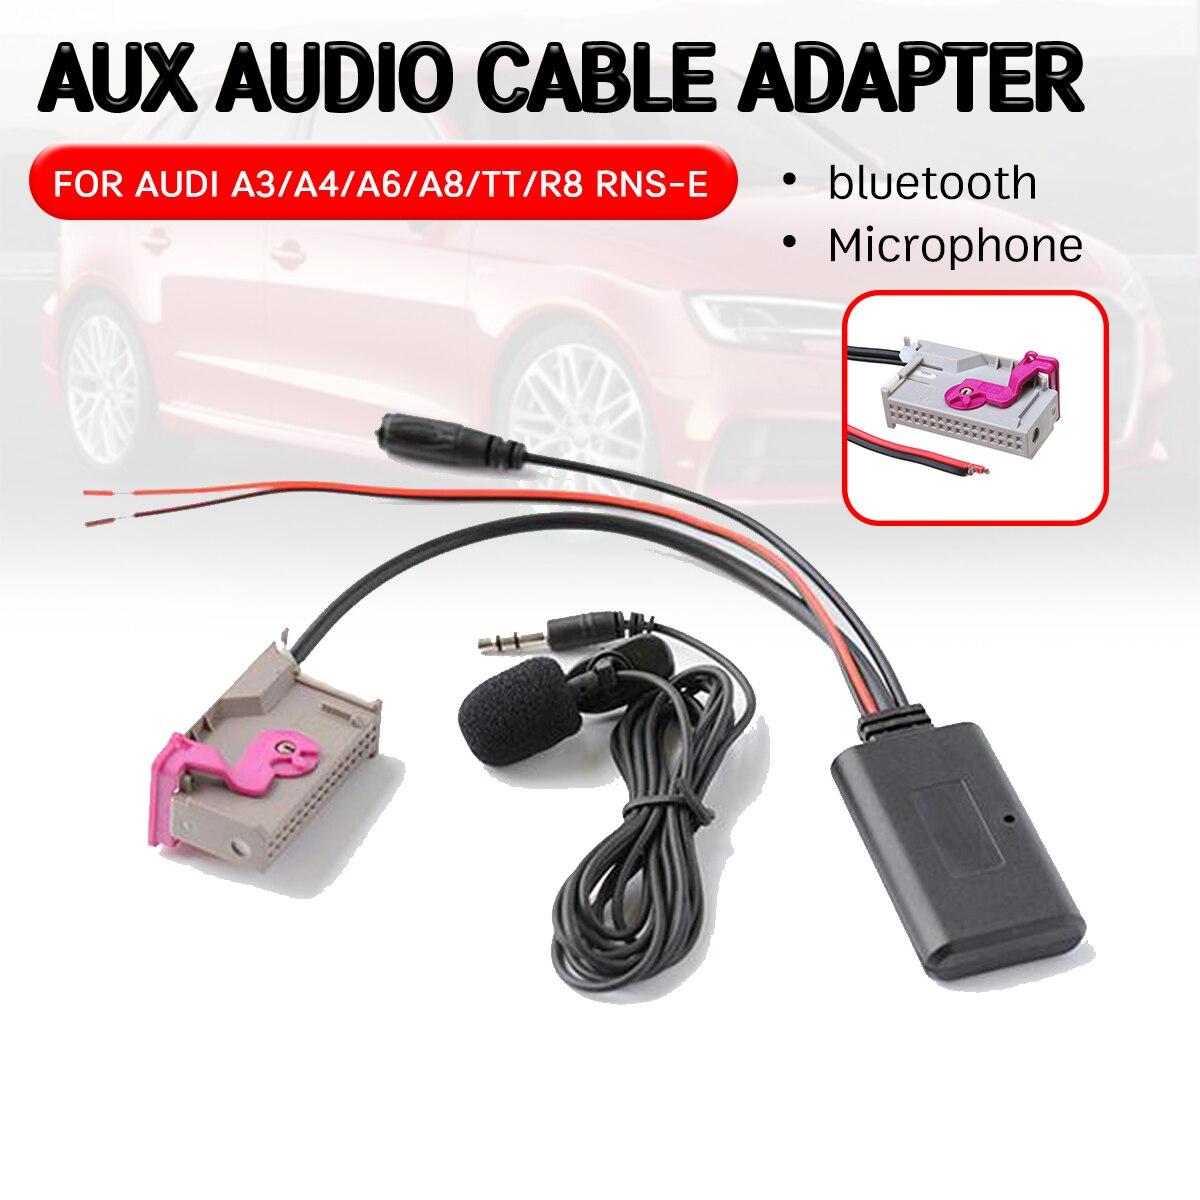 Para audi a3 a4 a6 a8 tt r8 RNS-E adaptador de cabo receptor bluetooth aux com microfone mãos-livres aux módulo para unidade de cabeça de 32 pinos